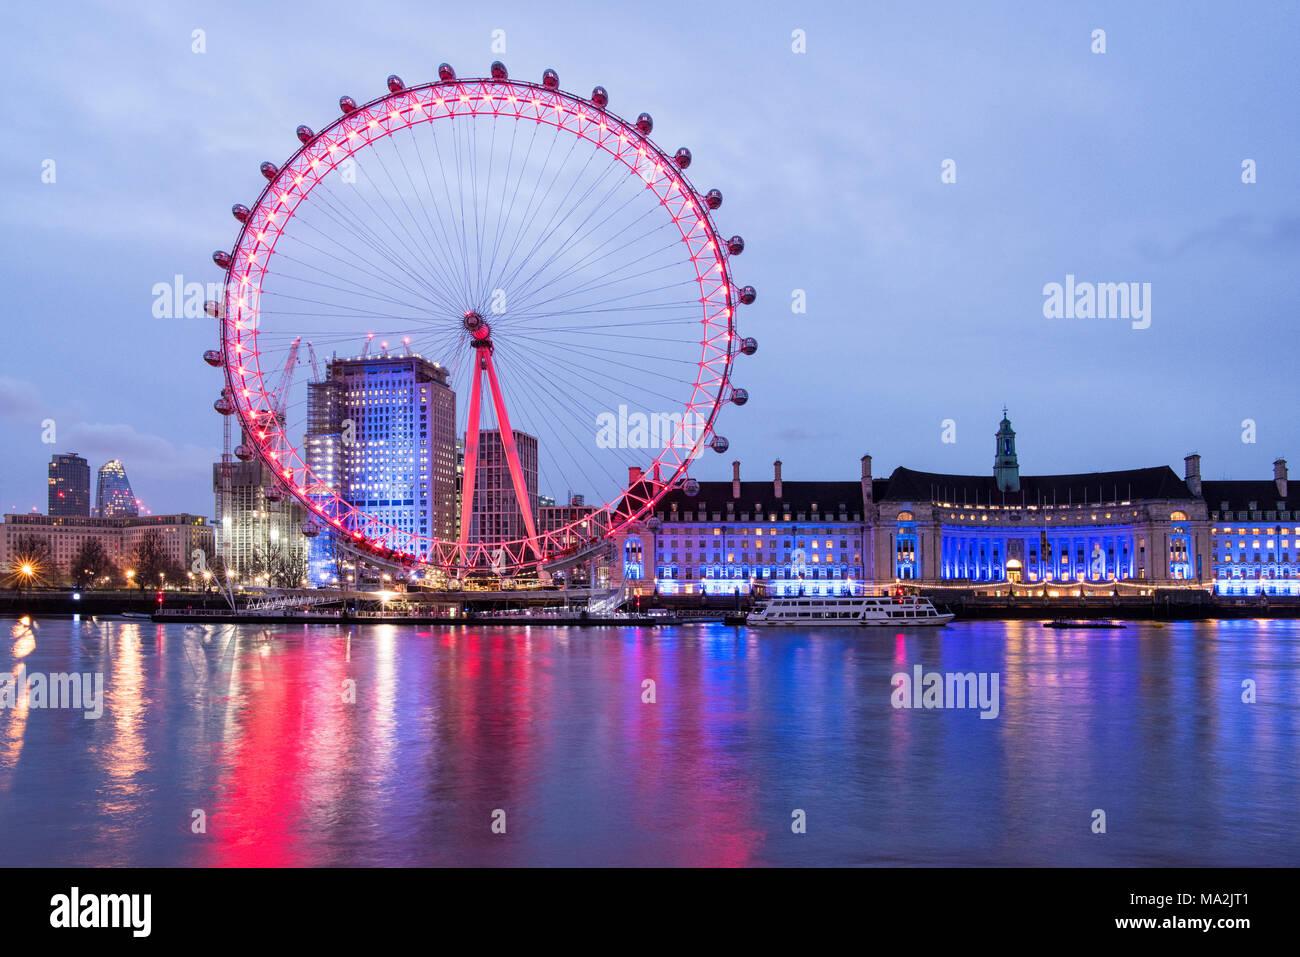 Amanecer en el río Támesis, mirando hacia el London Eye y County Hall, Londres, Inglaterra Imagen De Stock